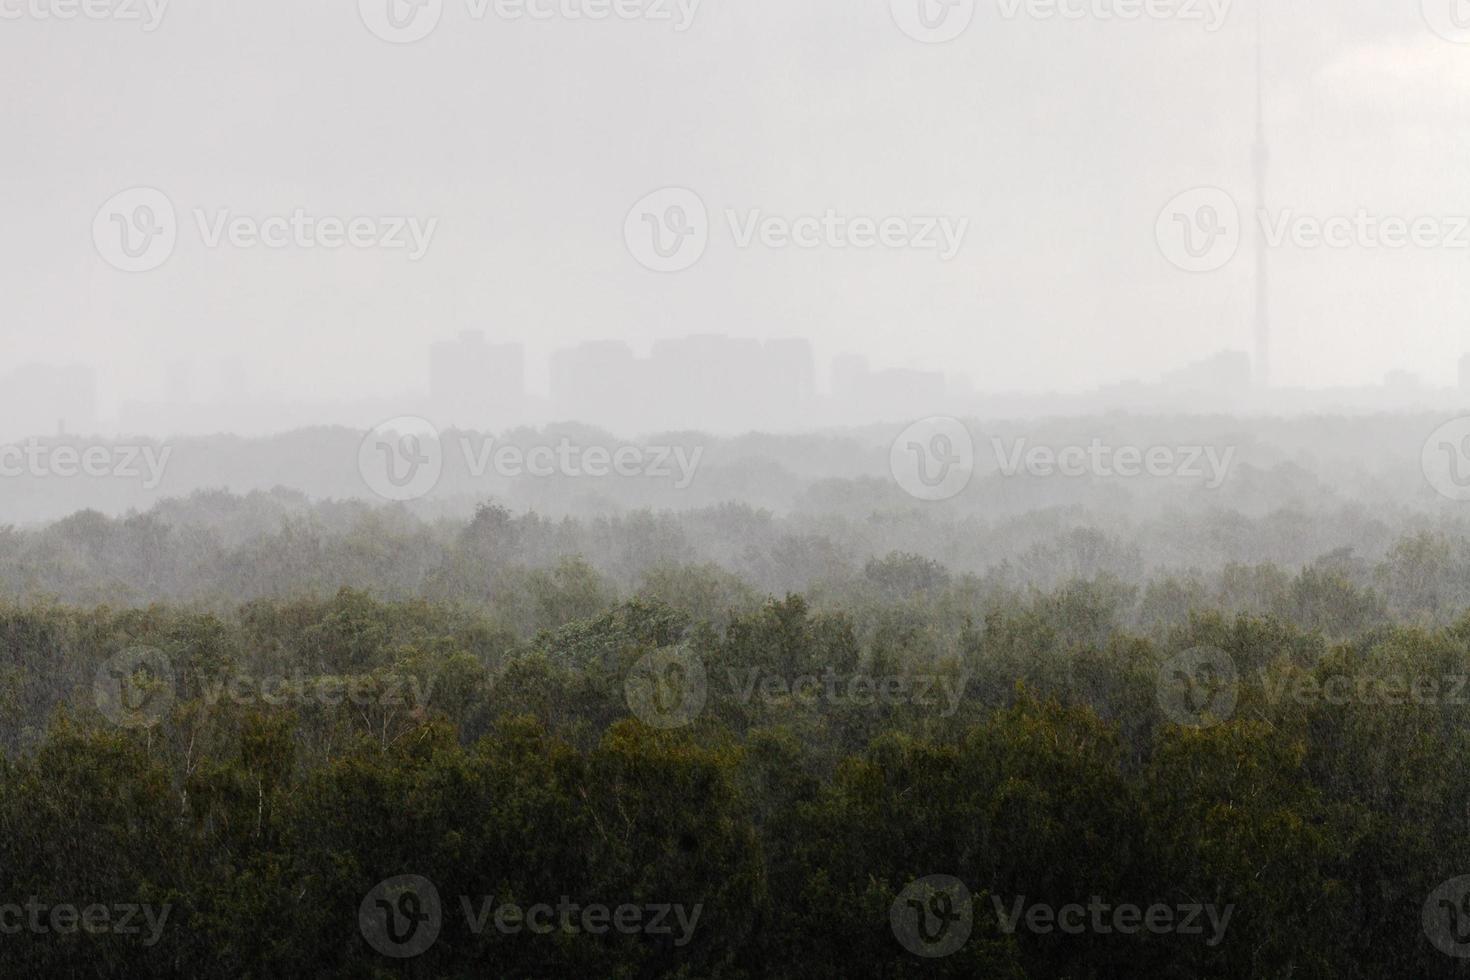 forte chute de pluie en journée d'été photo